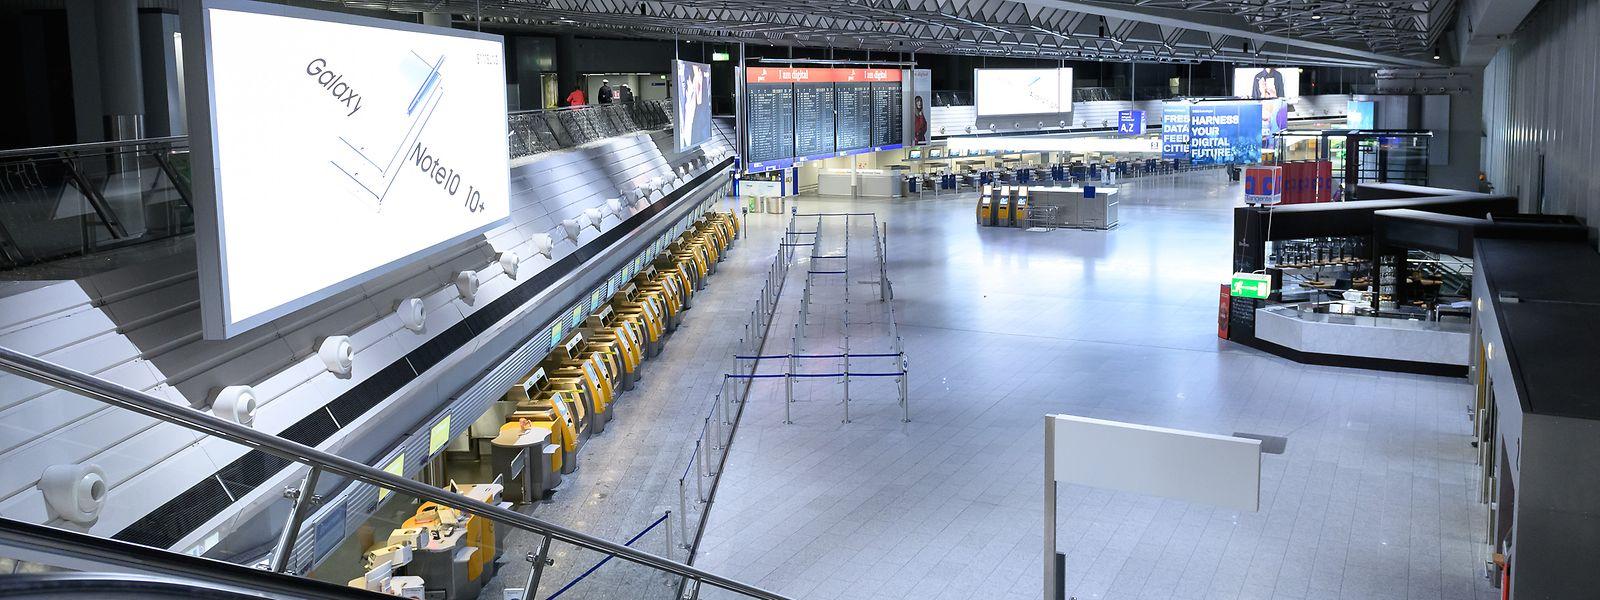 Leere Check-in-Schalter am Flughafen Frankfurt. Bei der Lufthansa hat um Mitternacht ein 48-Stunden-Streik der Flugbegleiter begonnen.